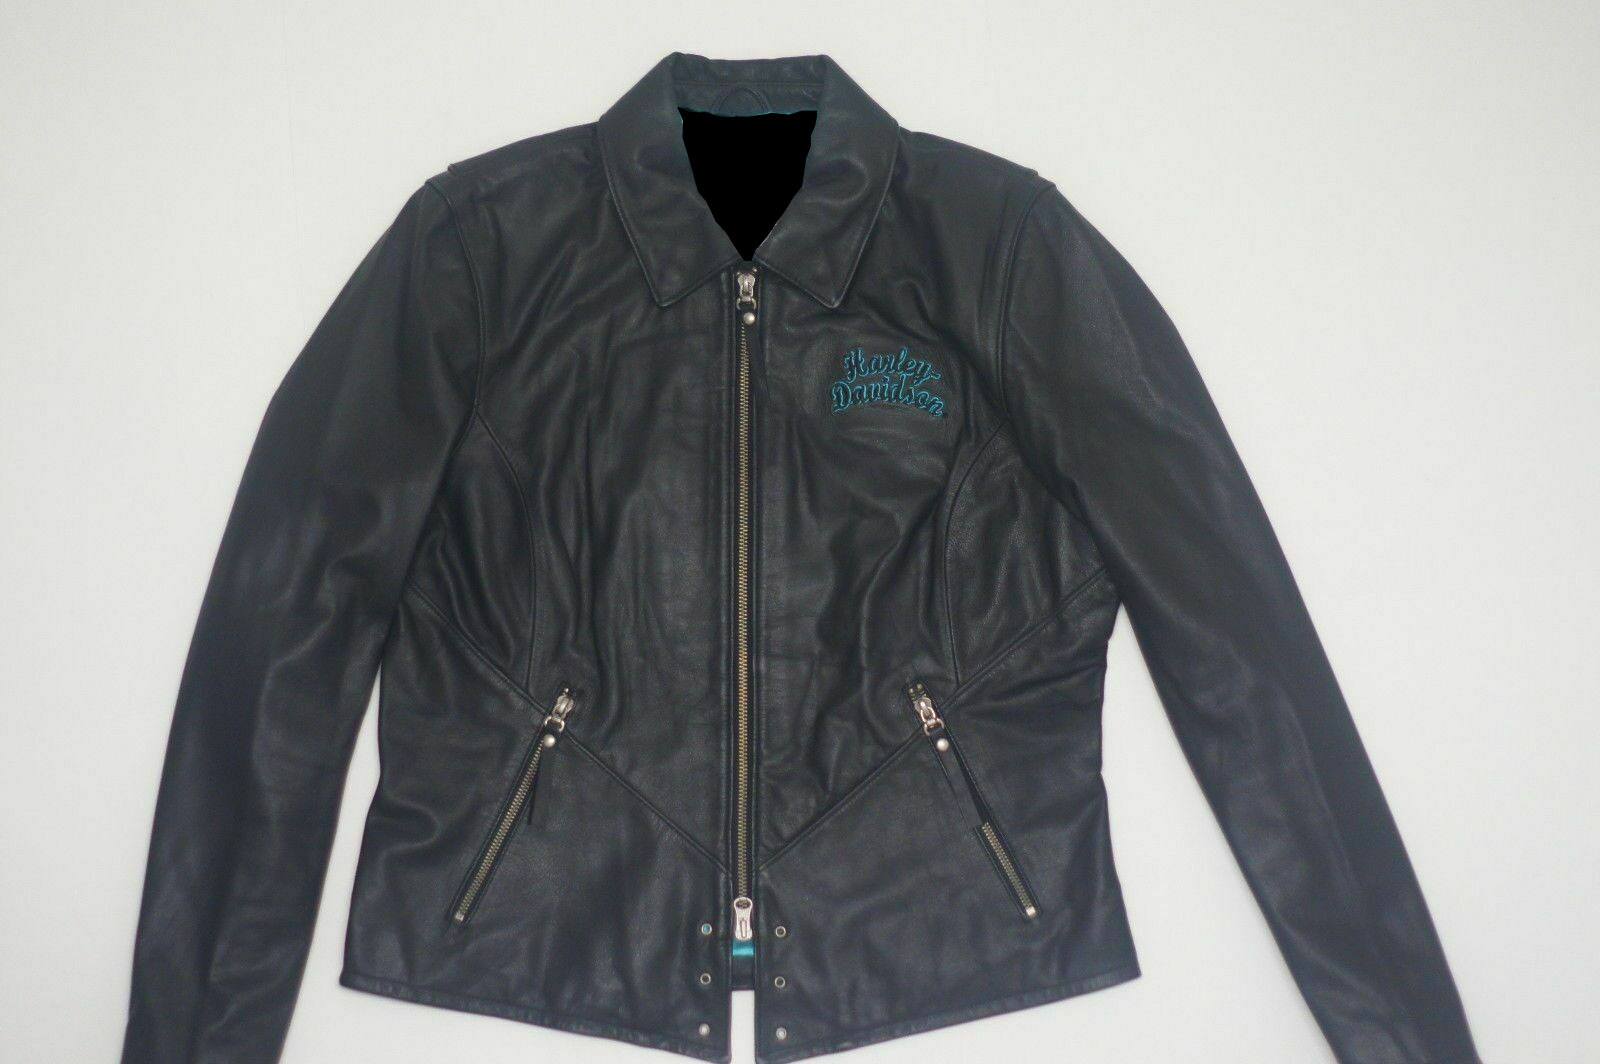 Harley Davidson Turquoise Eagle Arabelle Leather Jacket